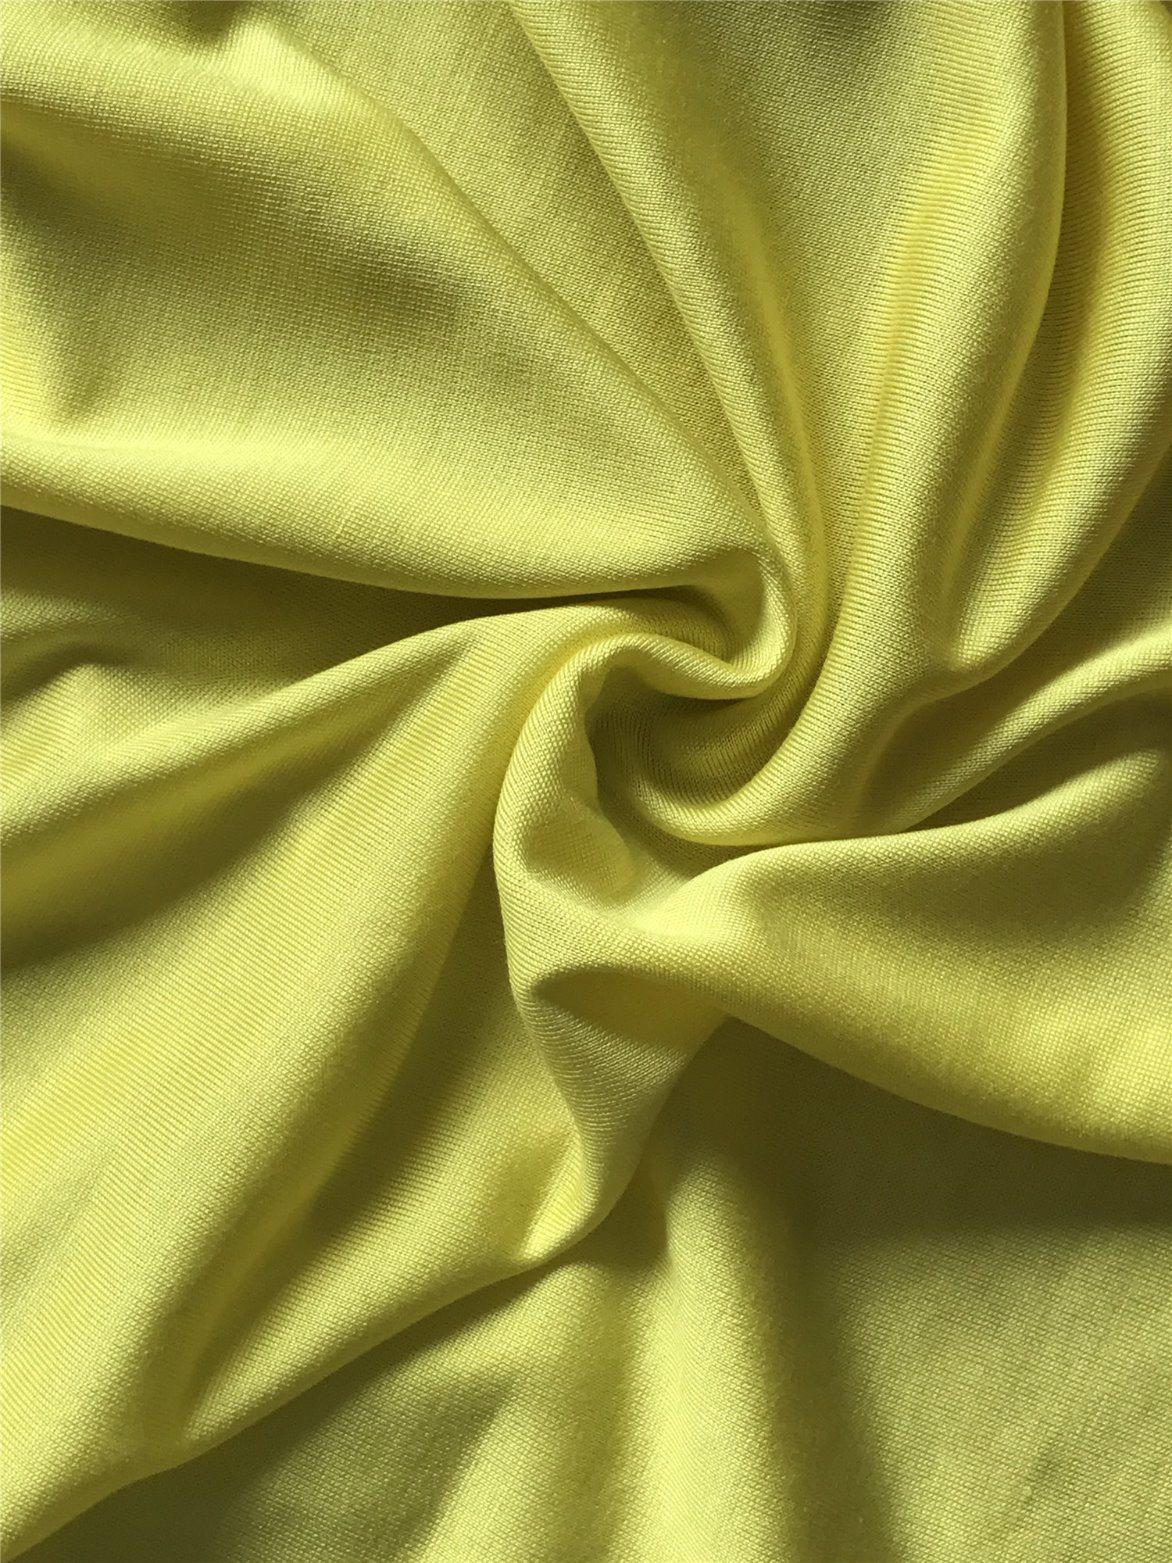 42ba1465e89 Silk/Wool Single Jersey Fabric, Knits Fabric, Single Jersey, Interlock, Rib